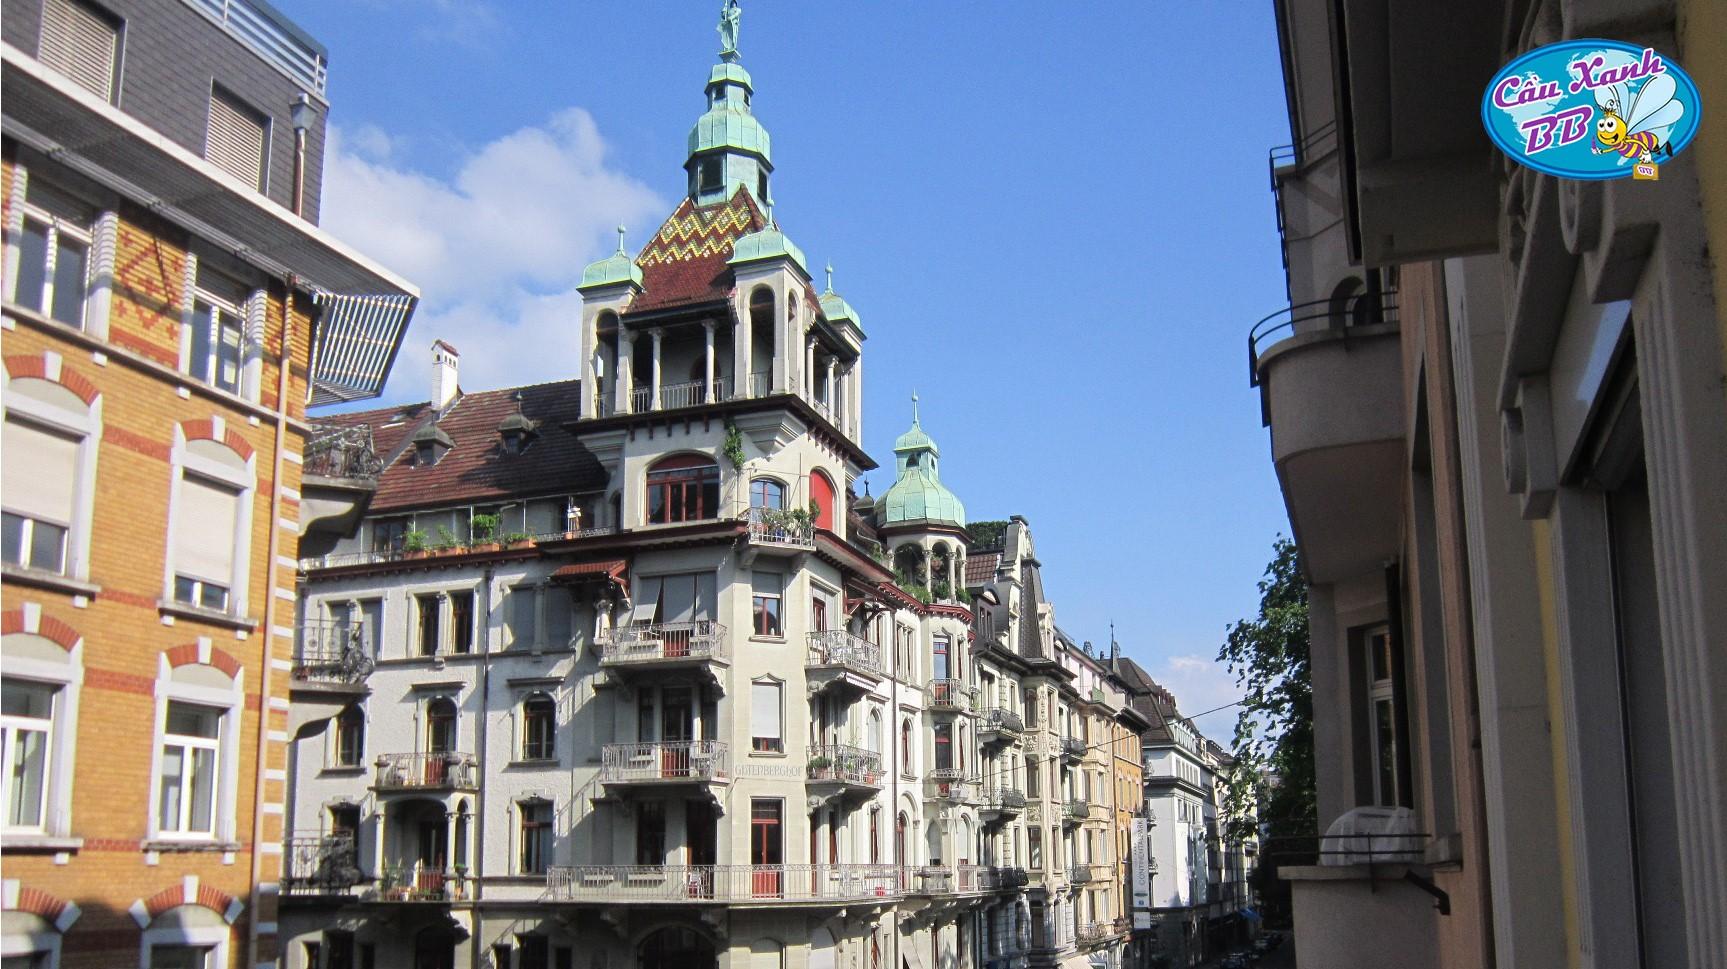 Du lịch Thuỵ Sỹ, du học Thuỵ Sỹ dứt khoát phải đi chơi hồ Luzern